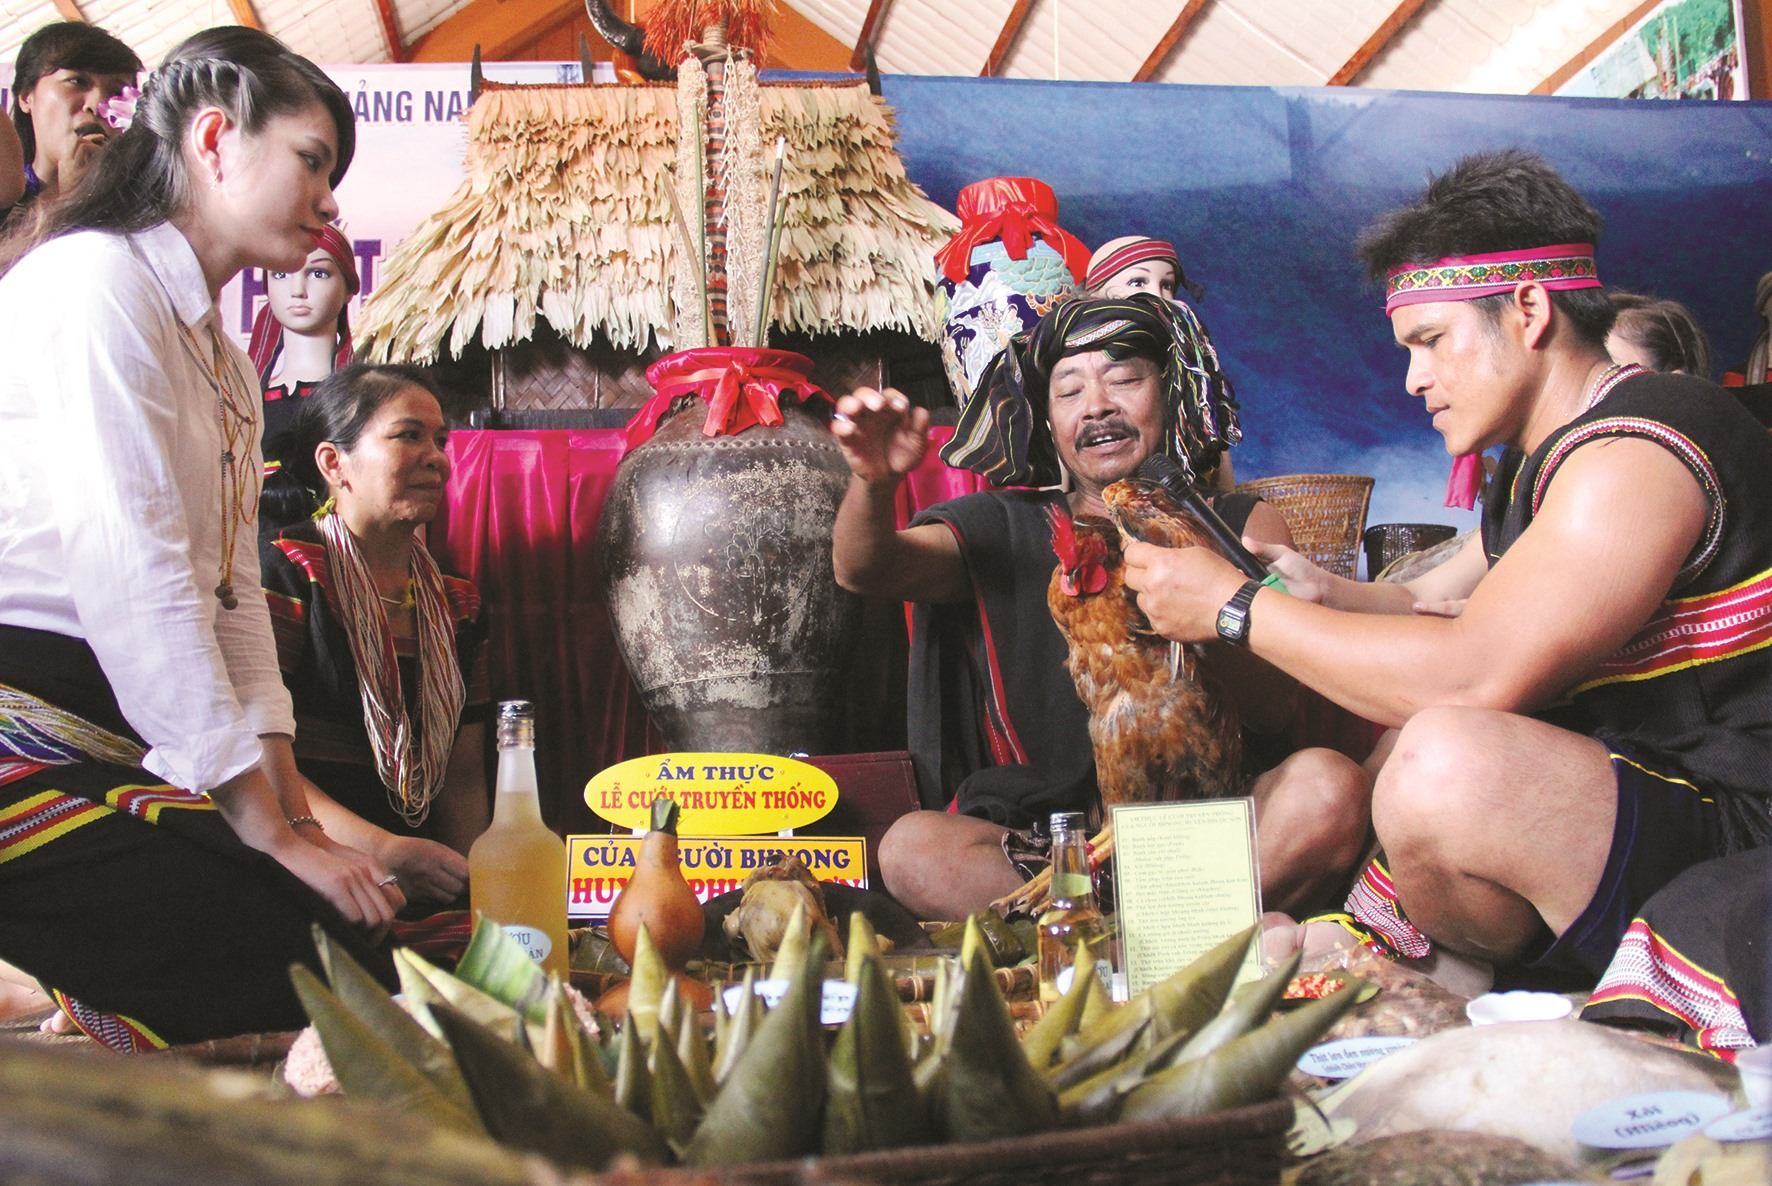 Bảo tồn văn hóa truyền thống của đồng bào miền núi cần tham vấn ý kiến và tôn trọng sự quyết định của cộng đồng sở tại. Ảnh: A.L.N